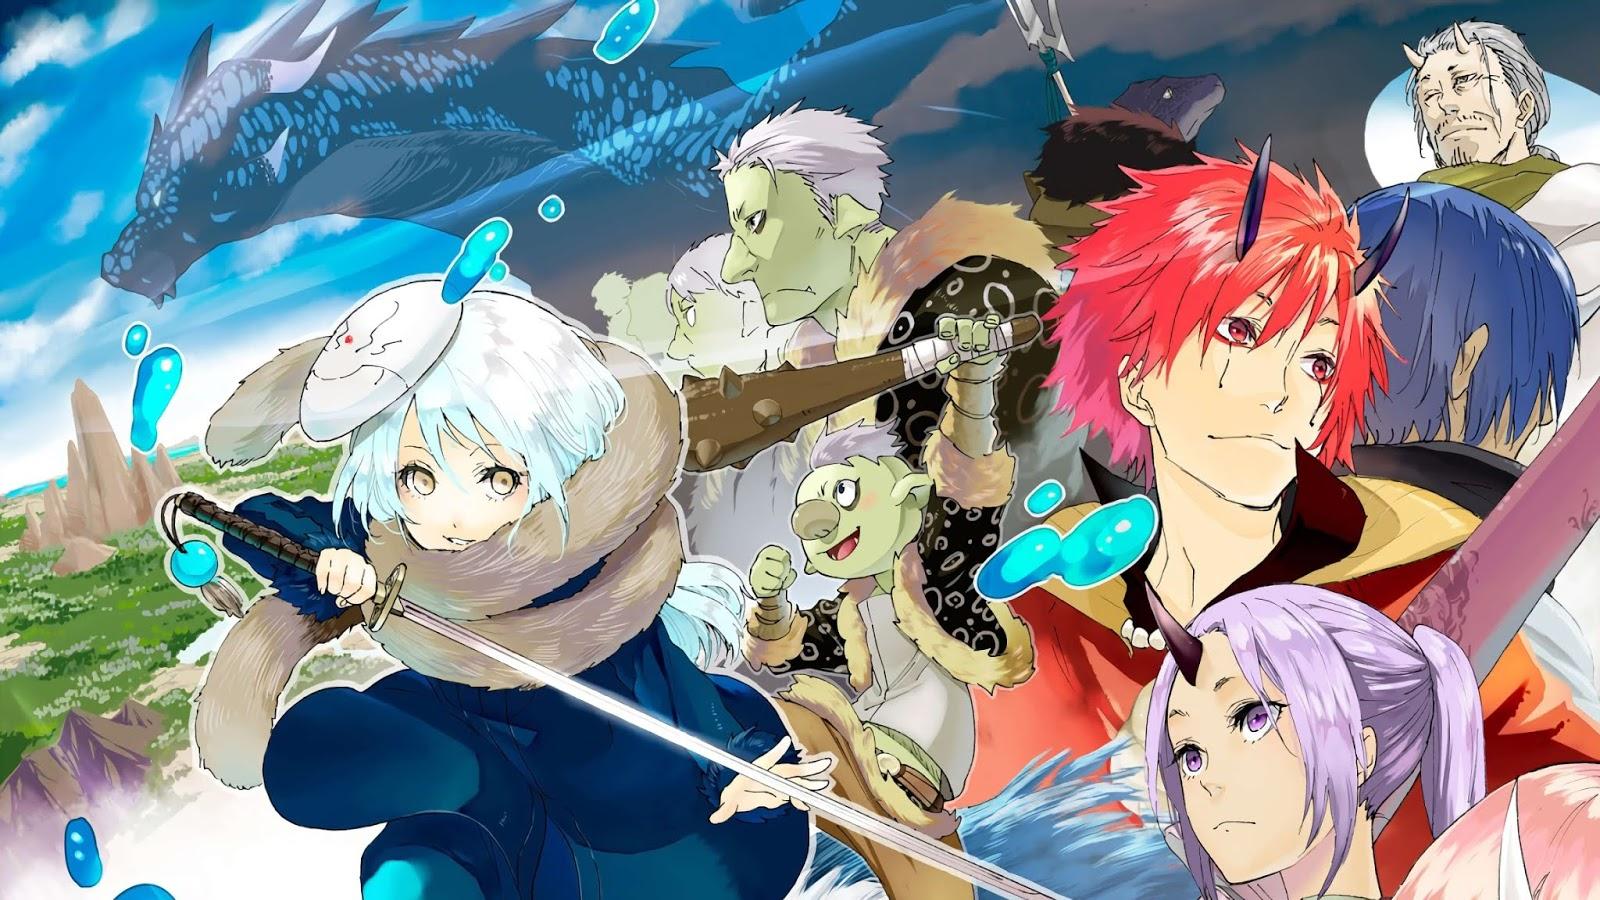 جميع حلقات انمى Tensei shitara Slime Datta Ken مترجم أونلاين كامل تحميل و مشاهدة حصريا